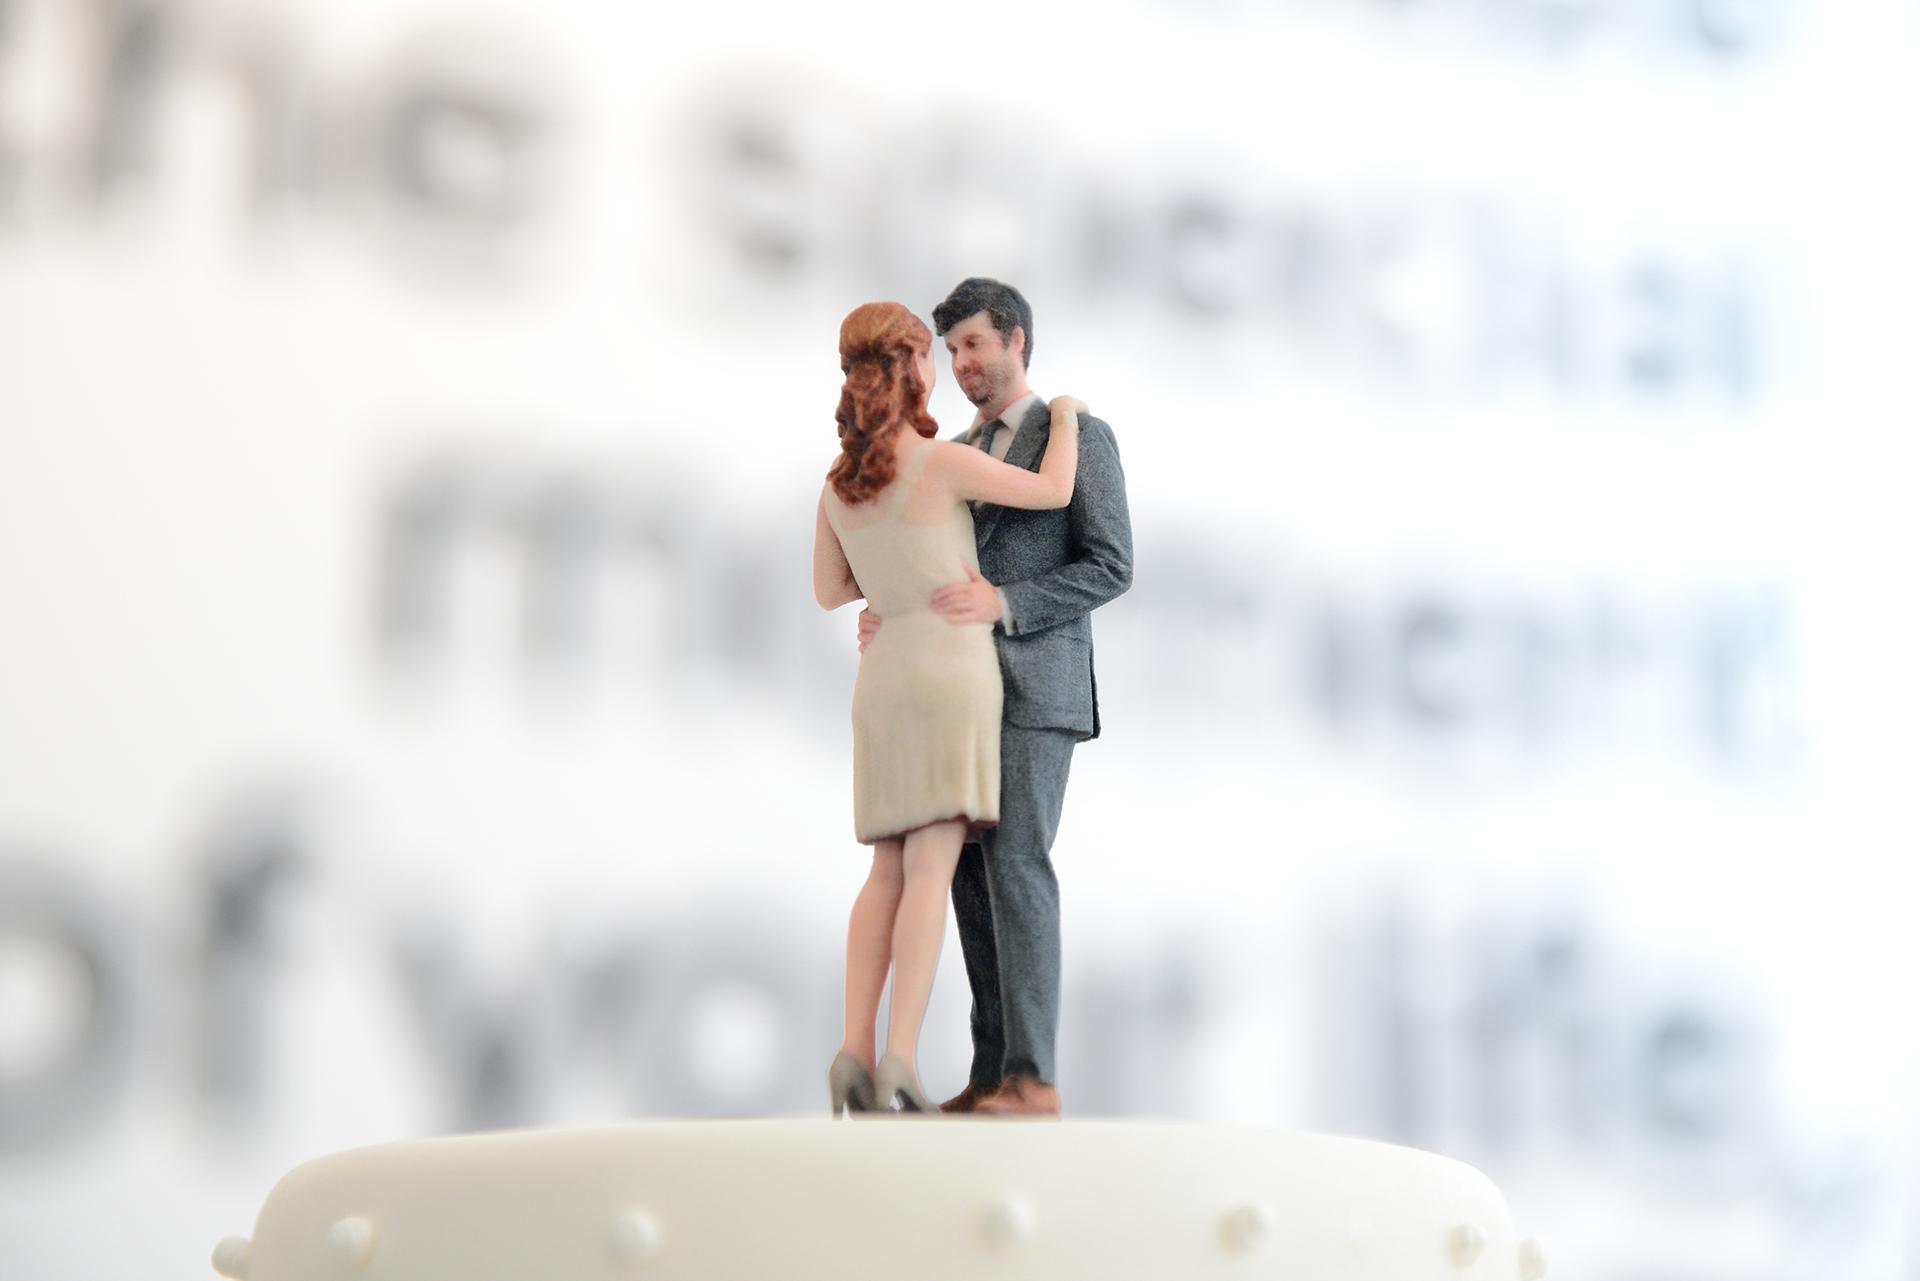 3D_Photo_Figurines_Weddings_8.jpg